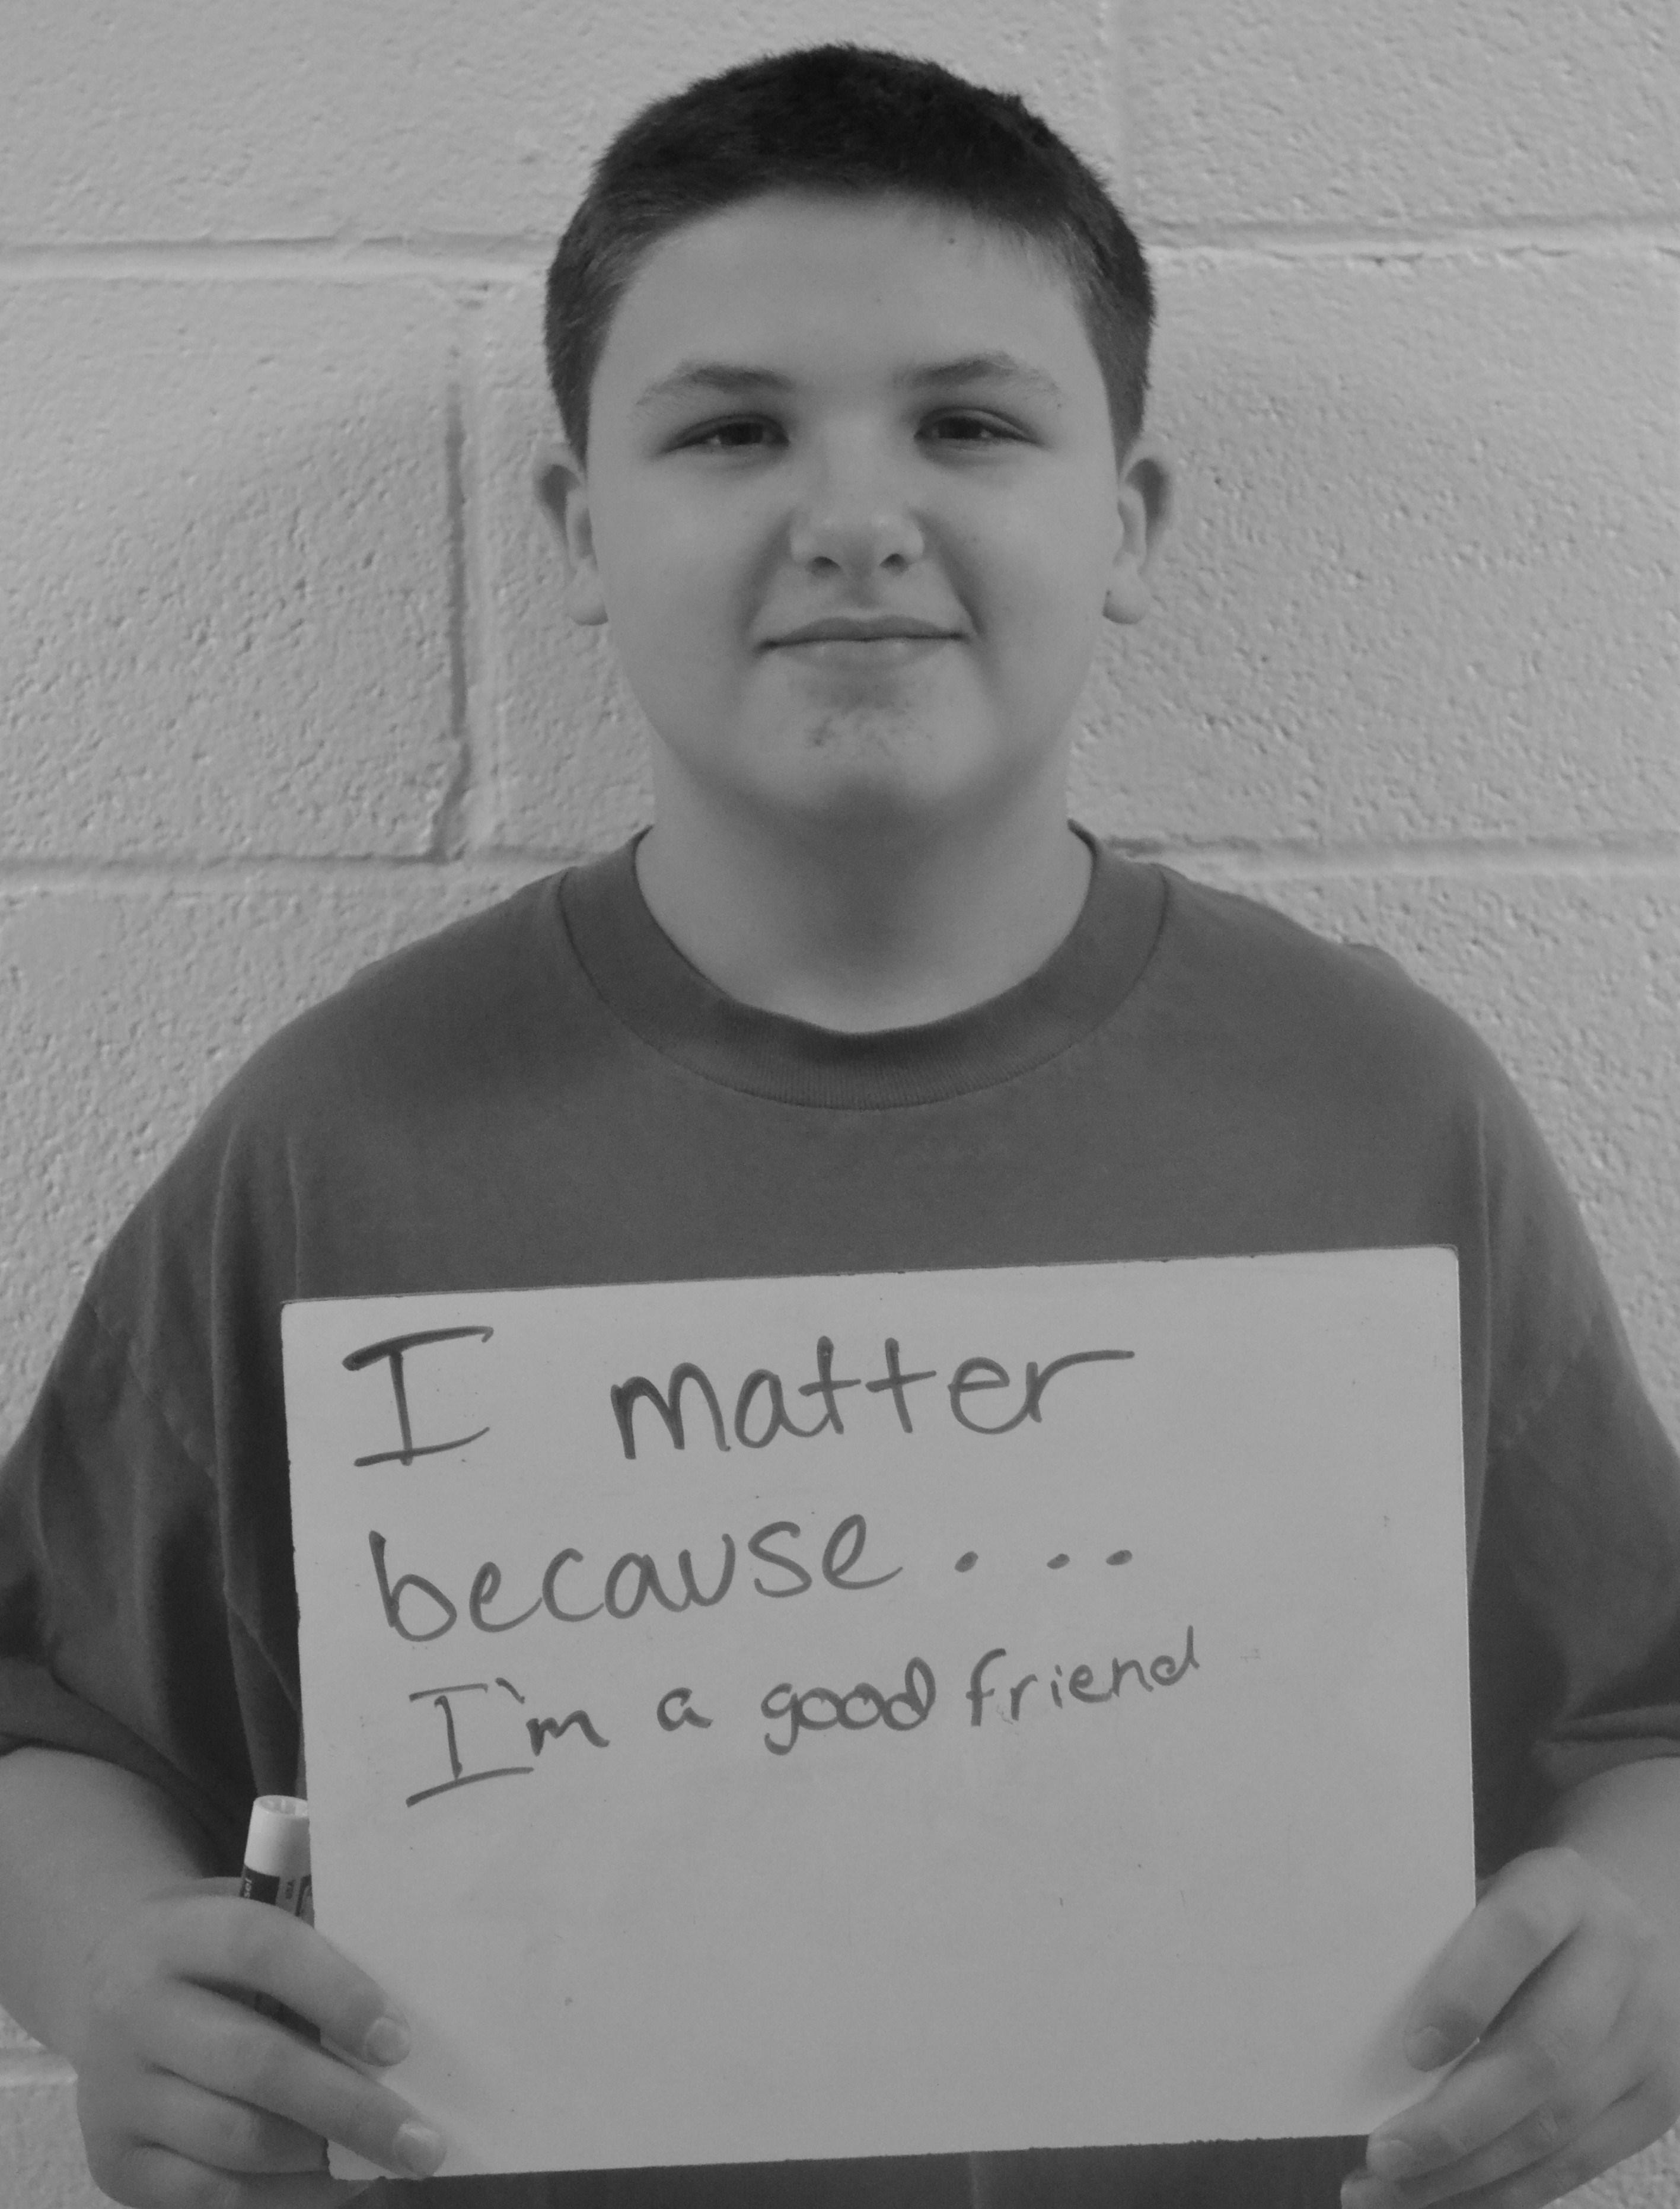 I matter because...I'm a good friend